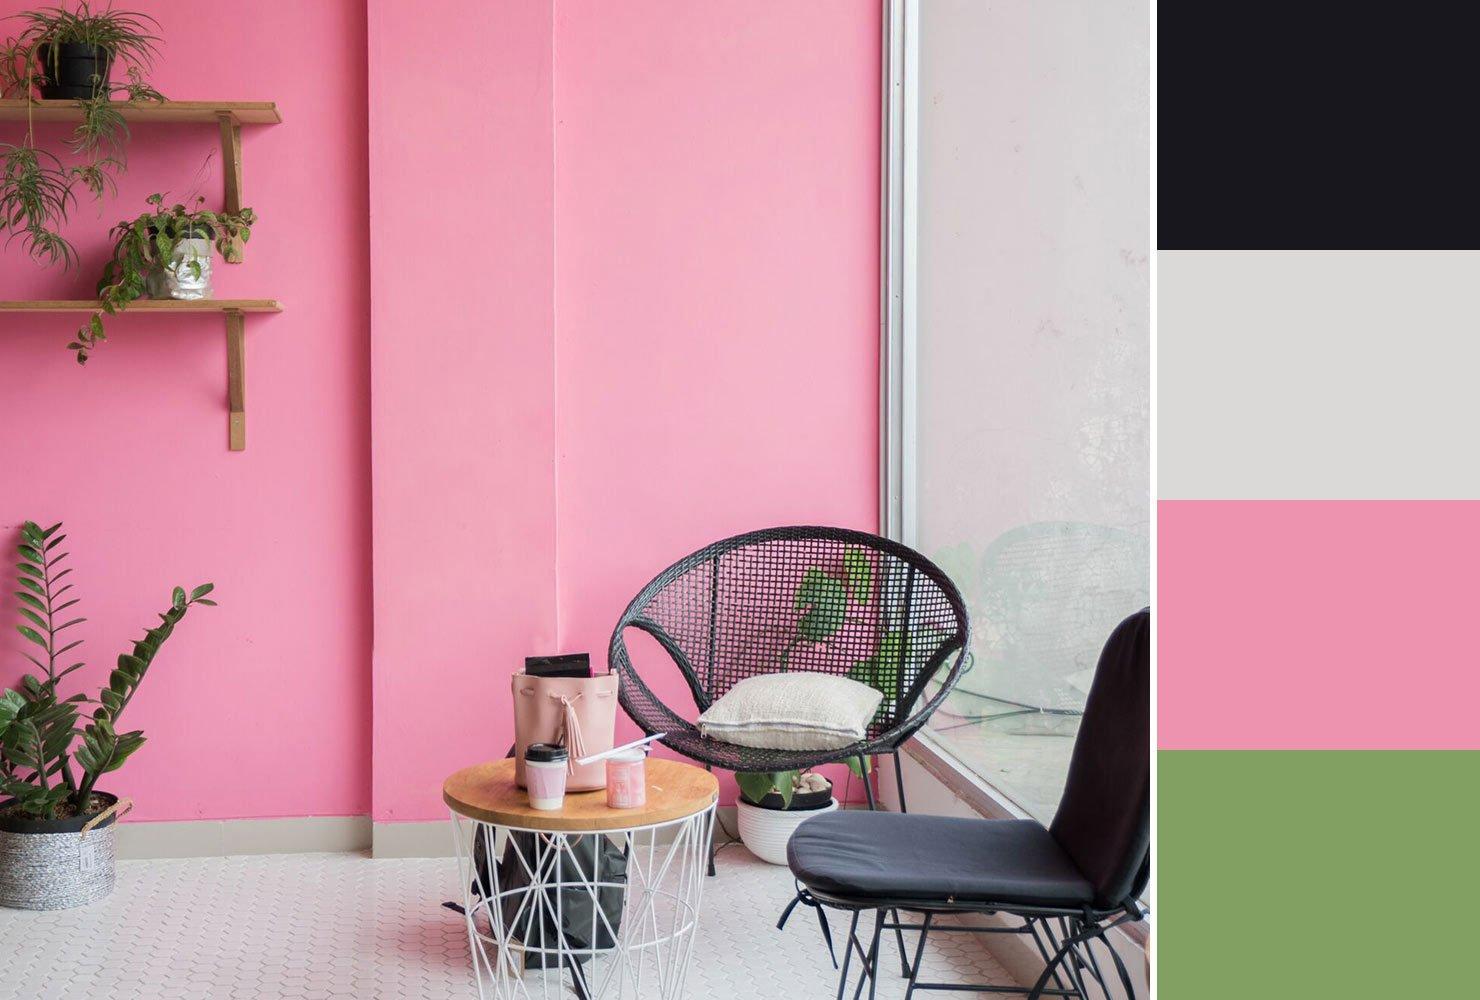 Idee-colorate-per-arredare-casa